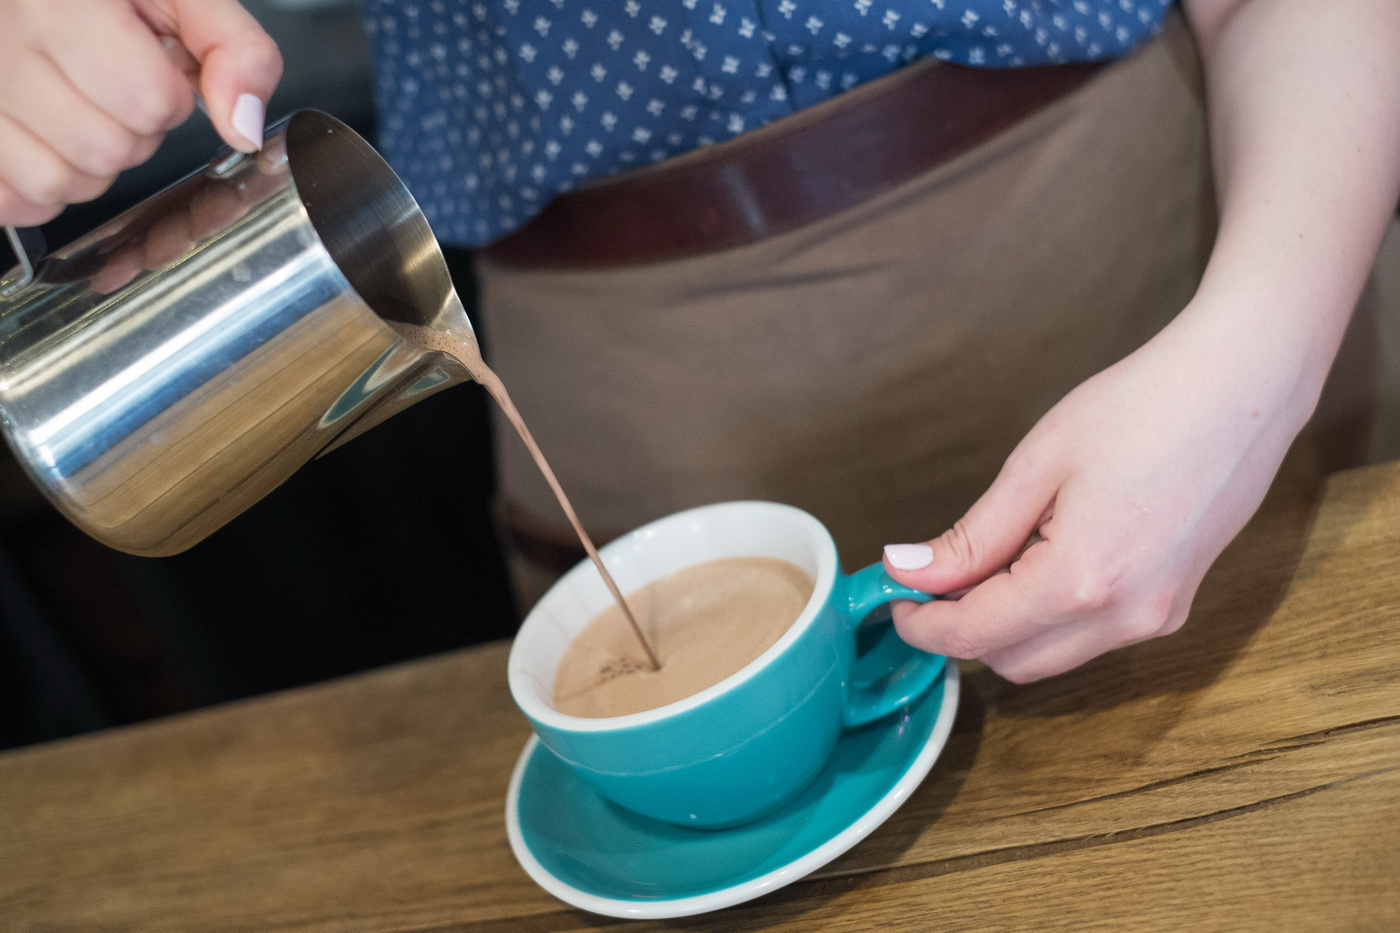 Фото наливать какао в чашку.